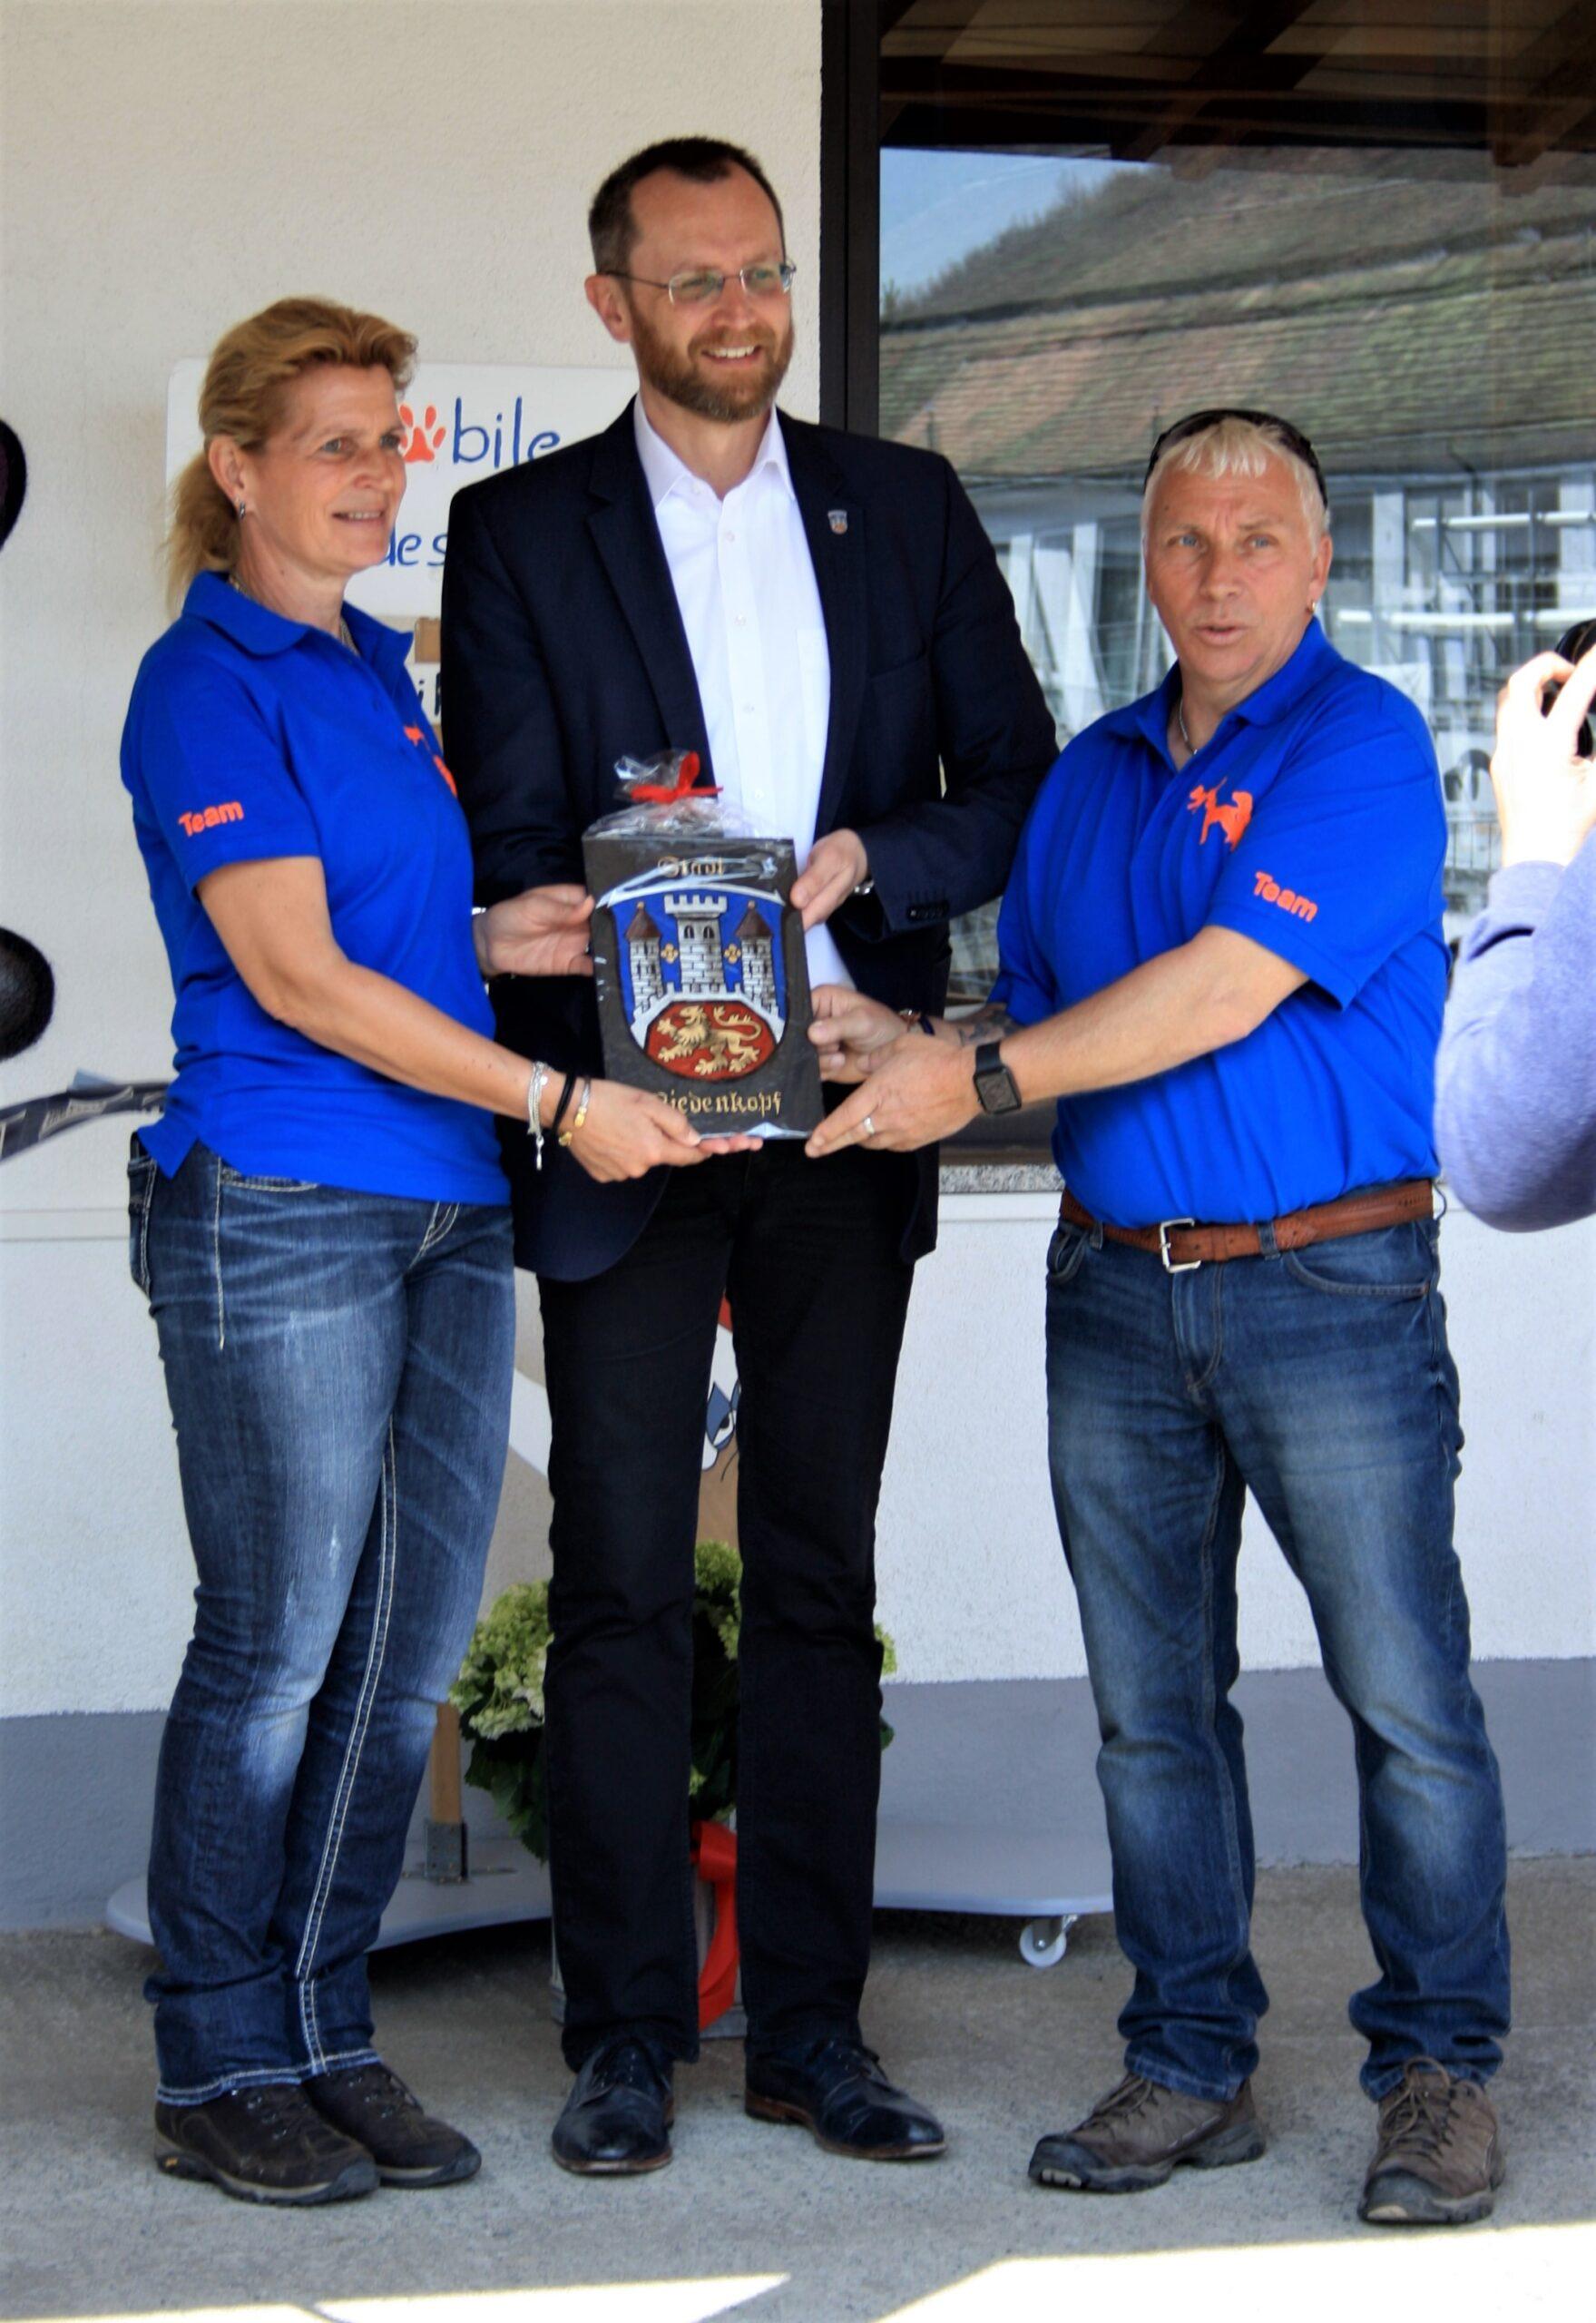 Bürgermeister Joachim Thiemig überreicht uns das Stadtwappen